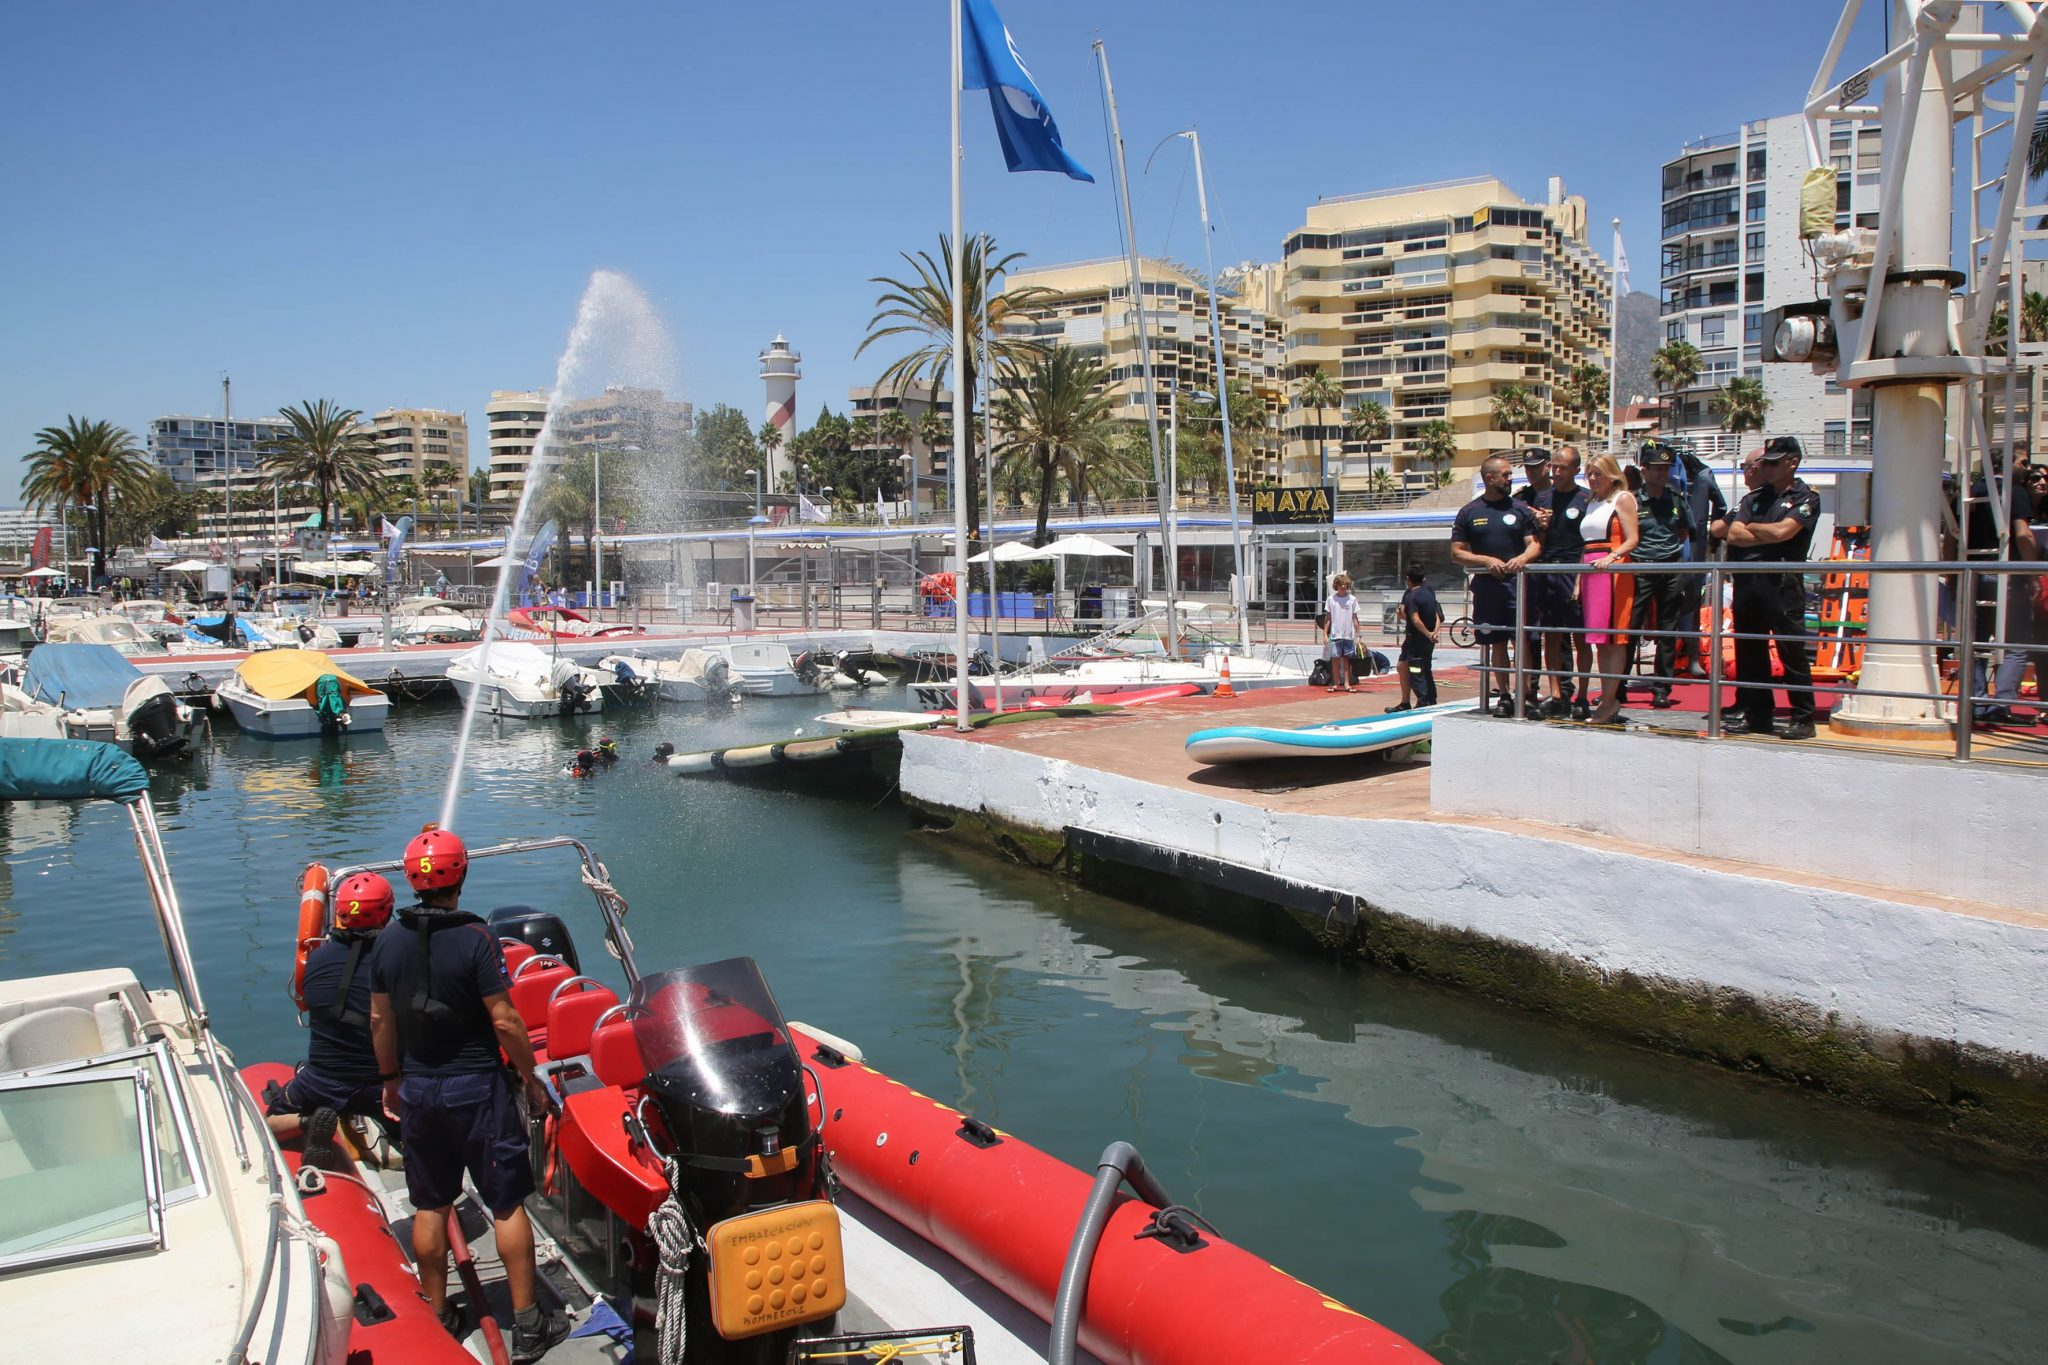 El servicio de rescate acuático y subacuático de los Bomberos completa su proceso formativo